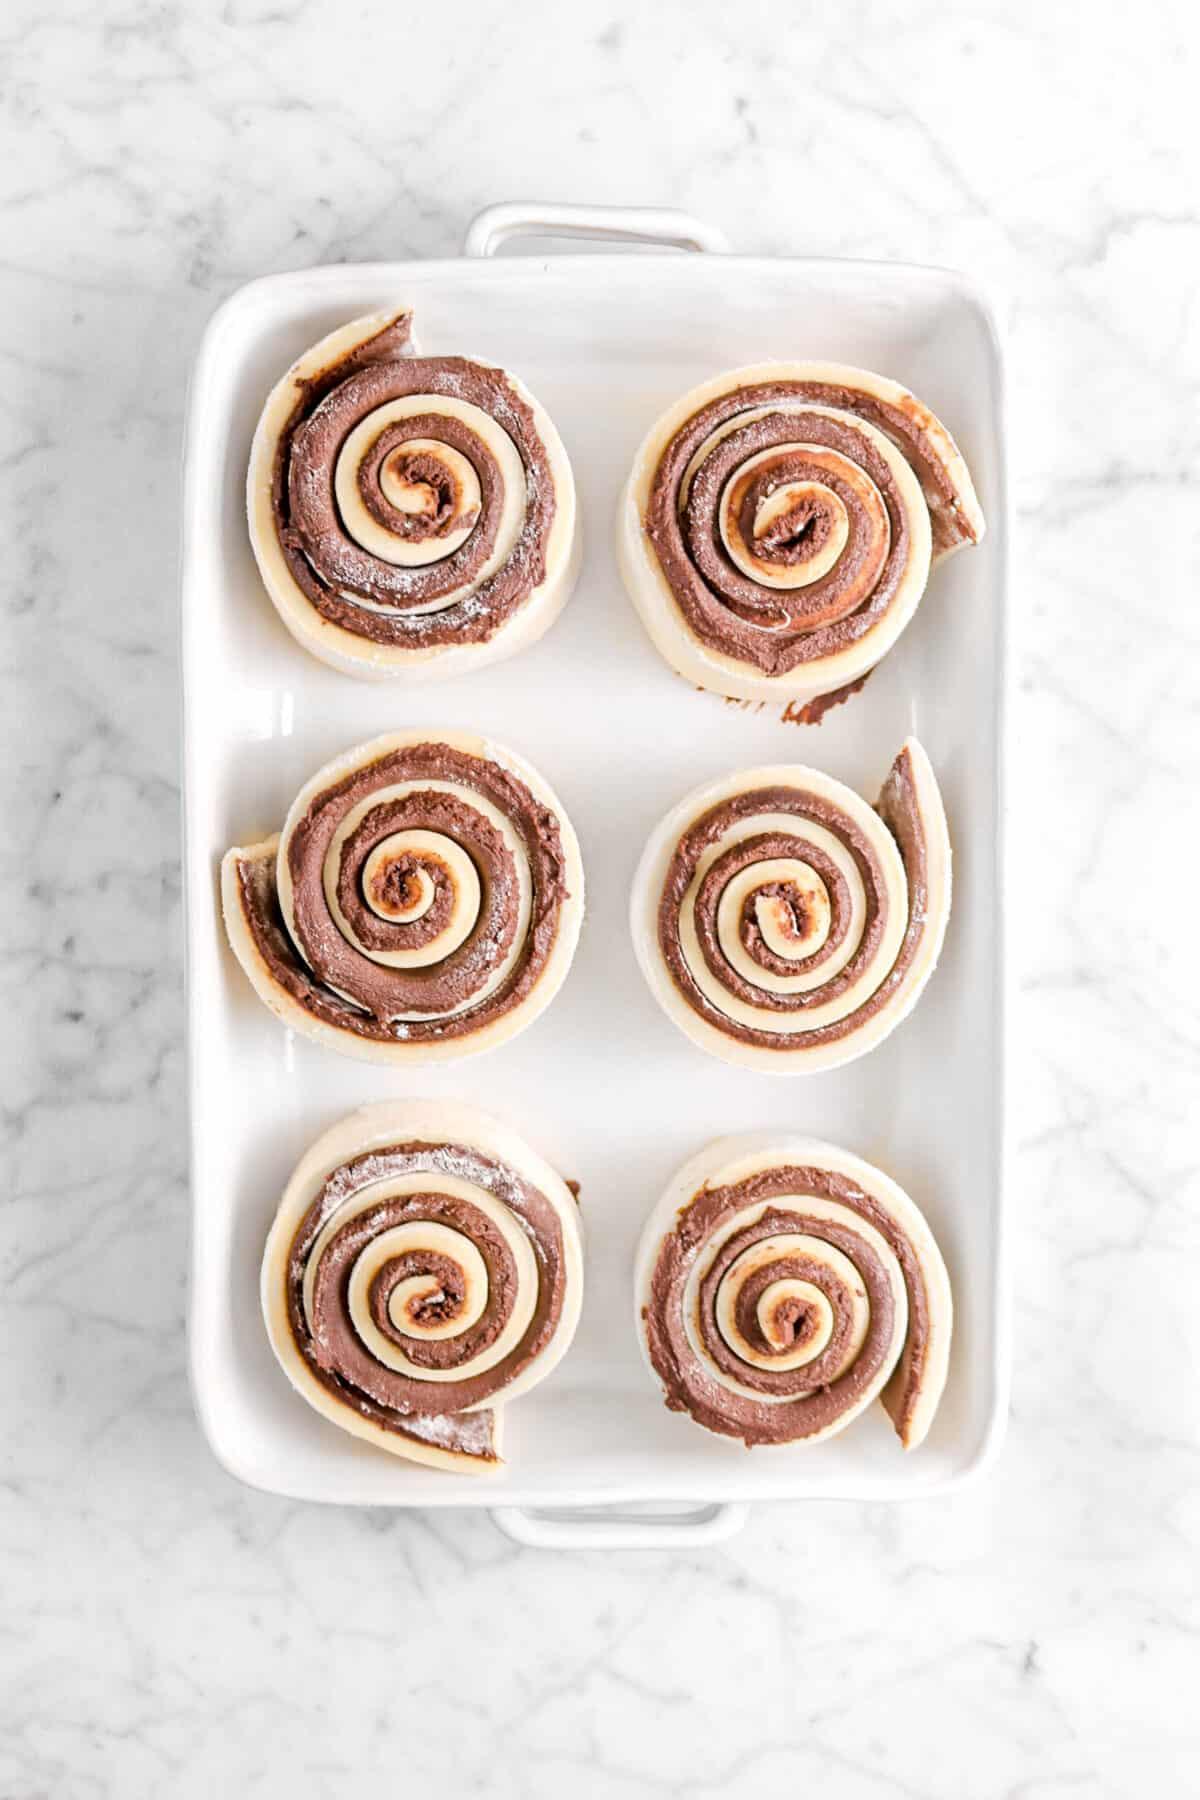 six rolls in casserole